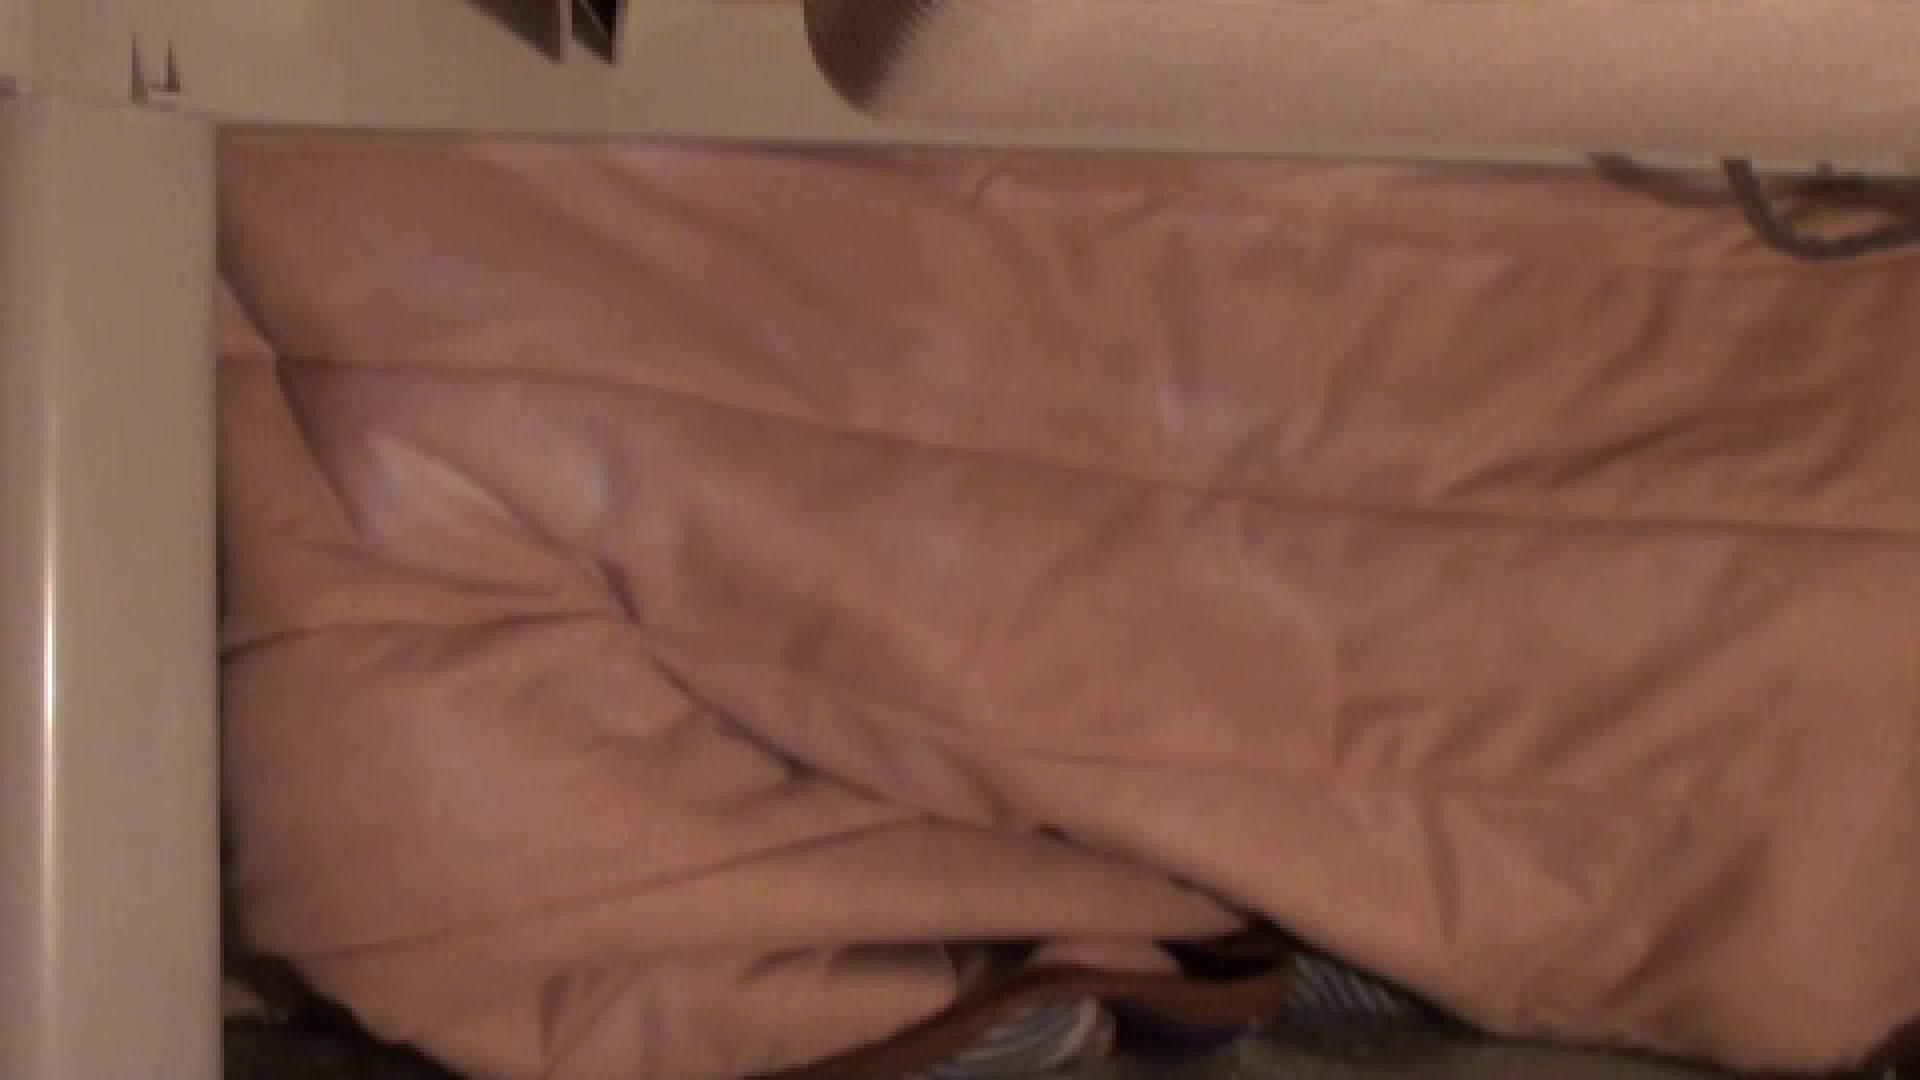 吹奏楽部。部室のコタツの中へ vol.09 美しいOLの裸体 オマンコ無修正動画無料 91pic 14